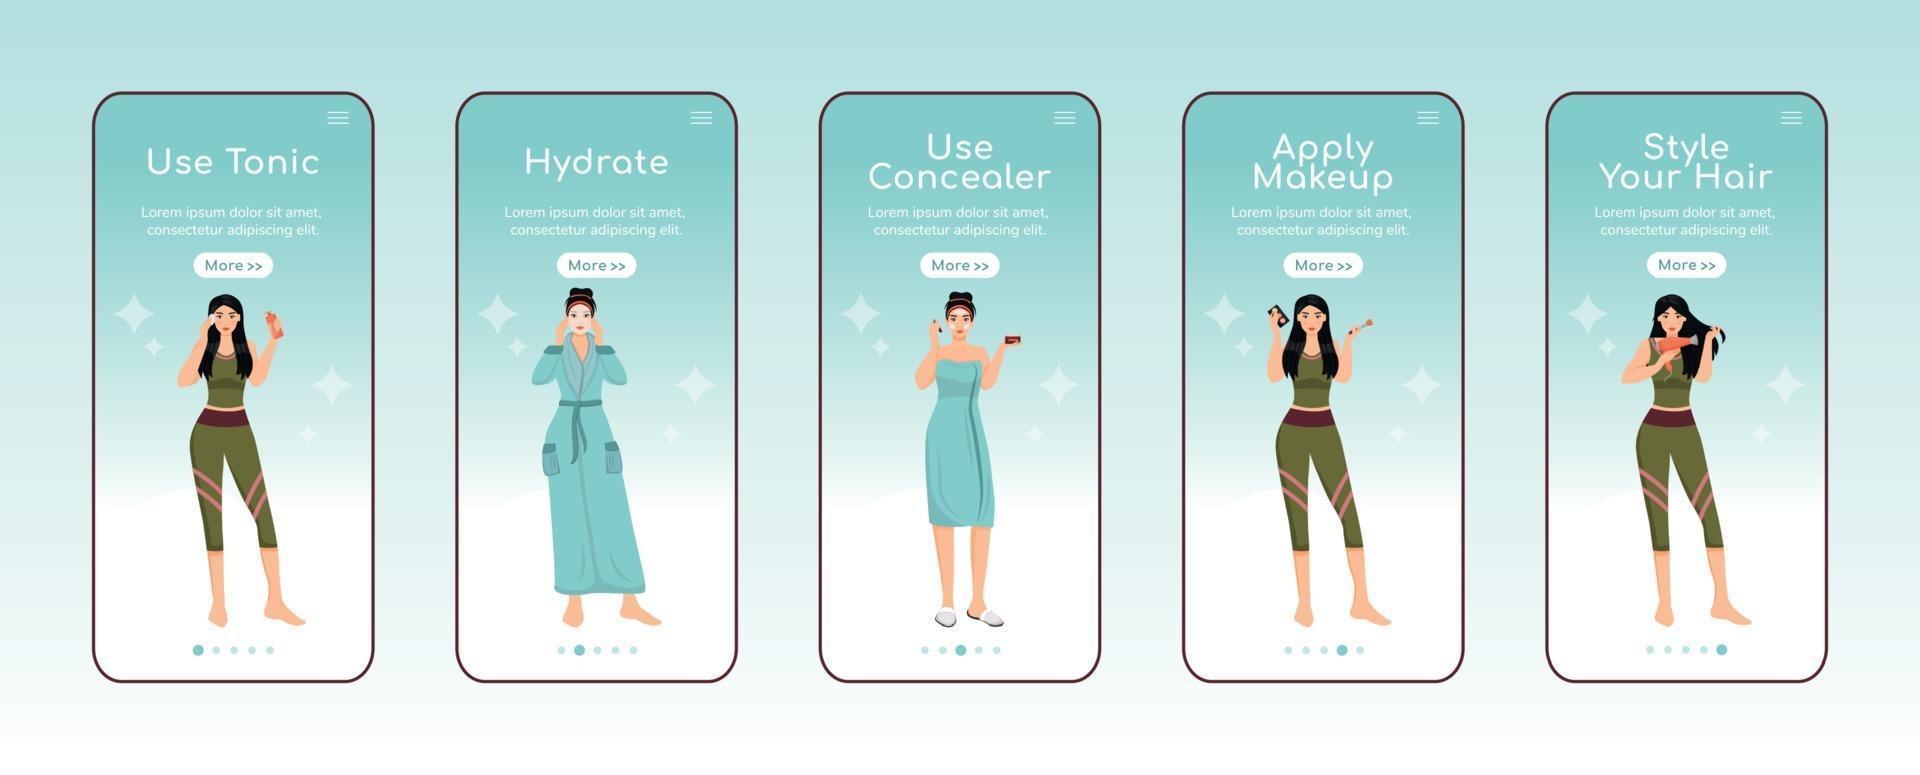 hudvård närande steg ombord mobil app skärm platt vektor mall. toner med. genomgång av webbplatssteg med karaktärer. ux, ui, gui smartphone tecknad gränssnitt, set utskrifter